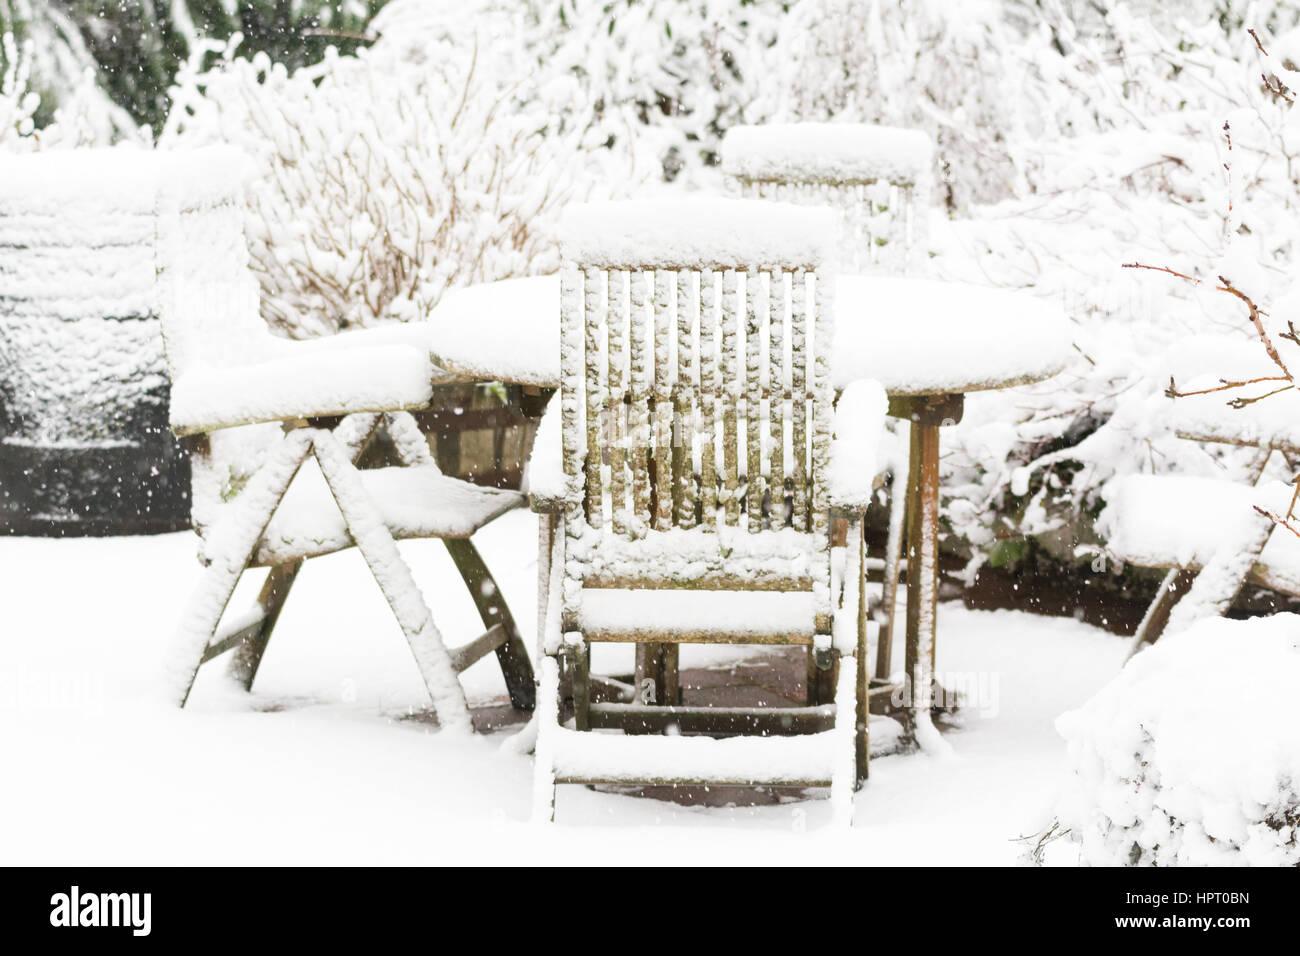 Dans la neige le jardin - meubles de jardin, table et chaises couverts dans la neige profonde Banque D'Images